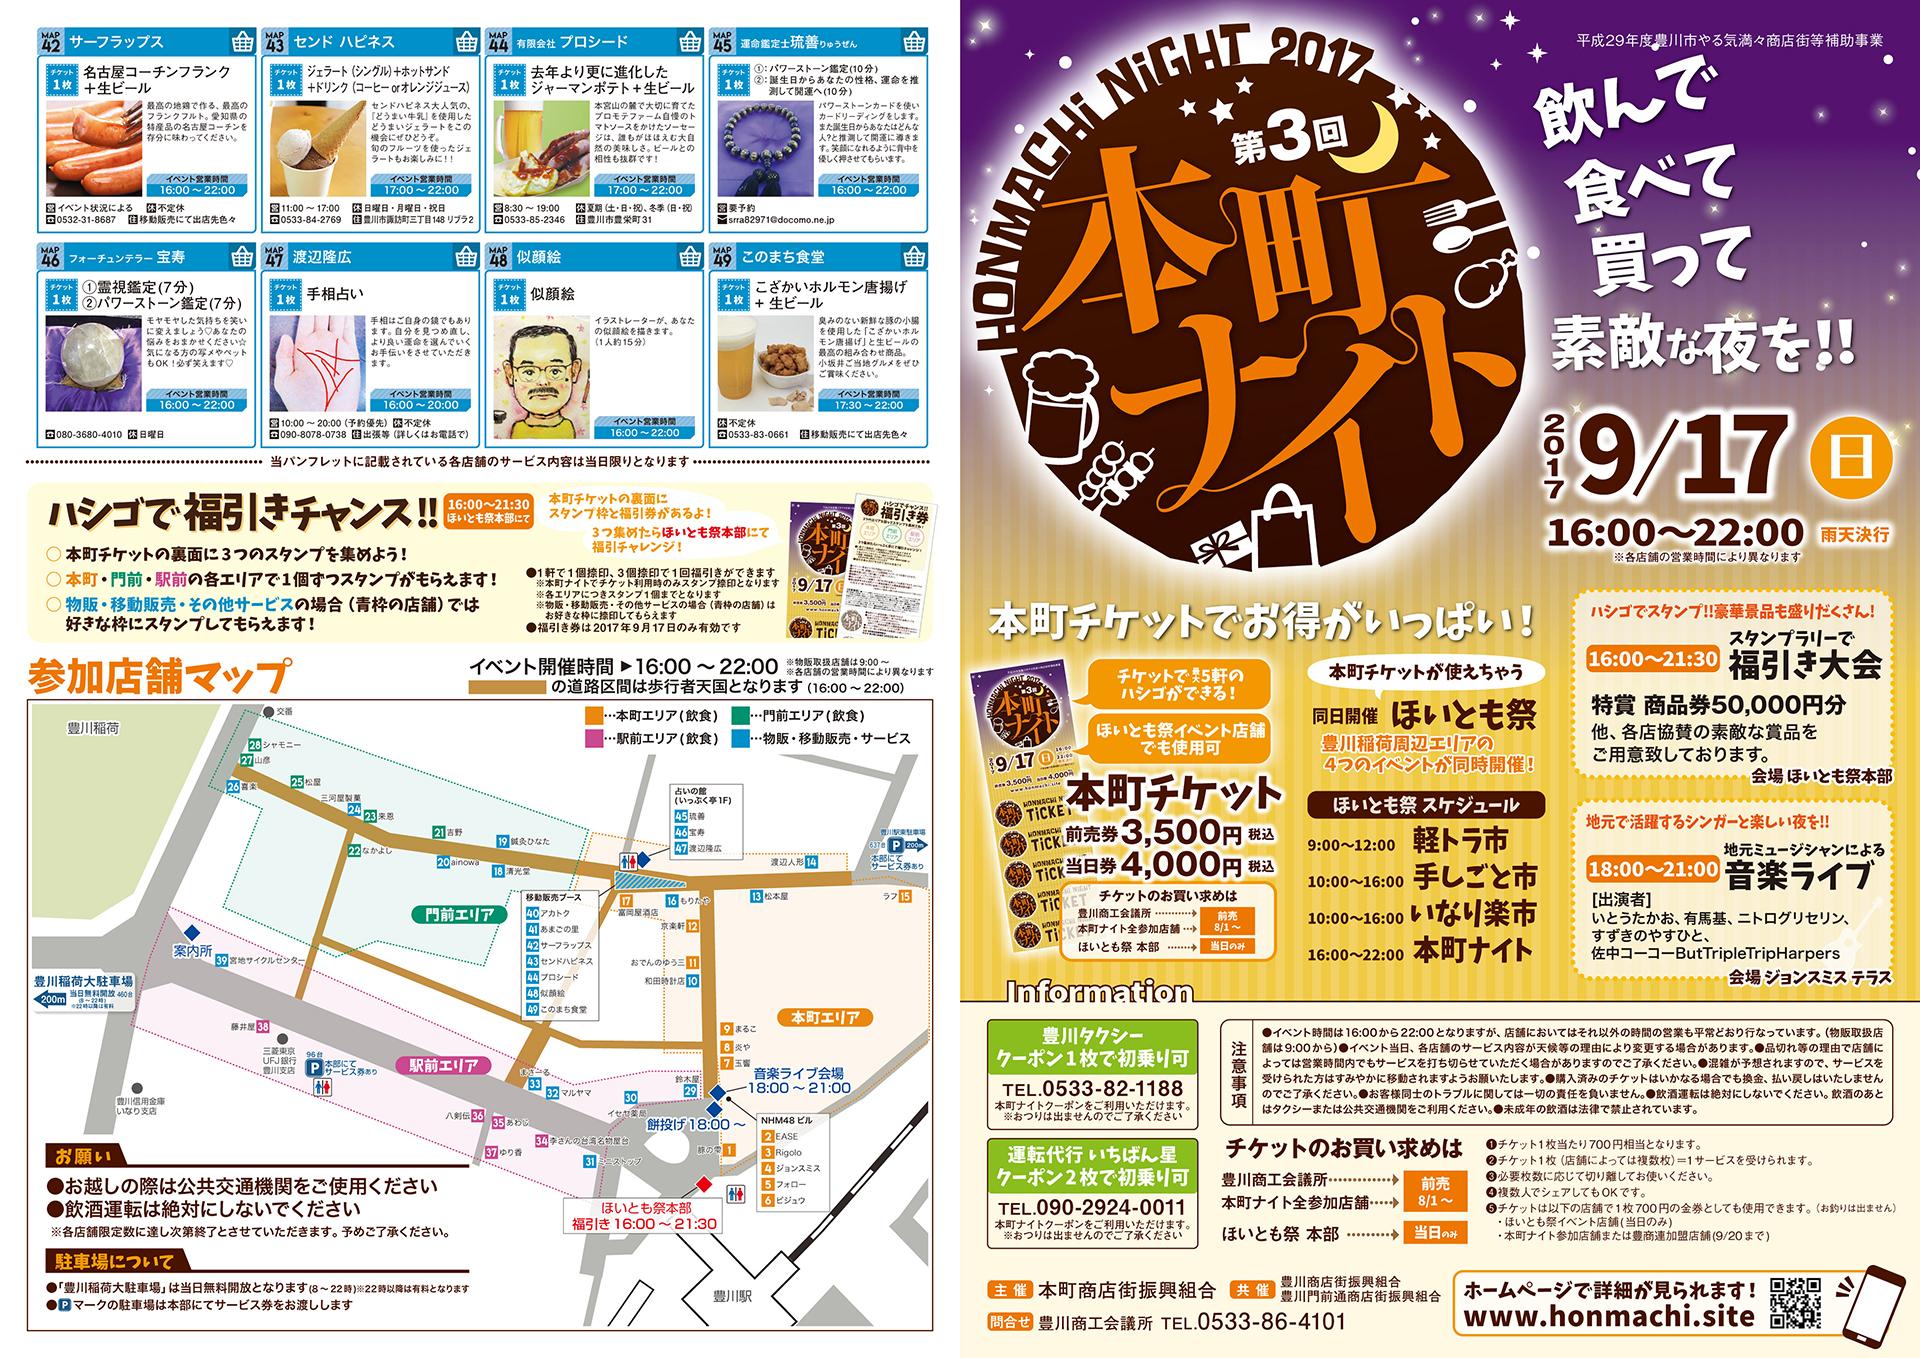 豊川市 商店街 本町商店街 本町ナイト2017 ガイドマップ-1